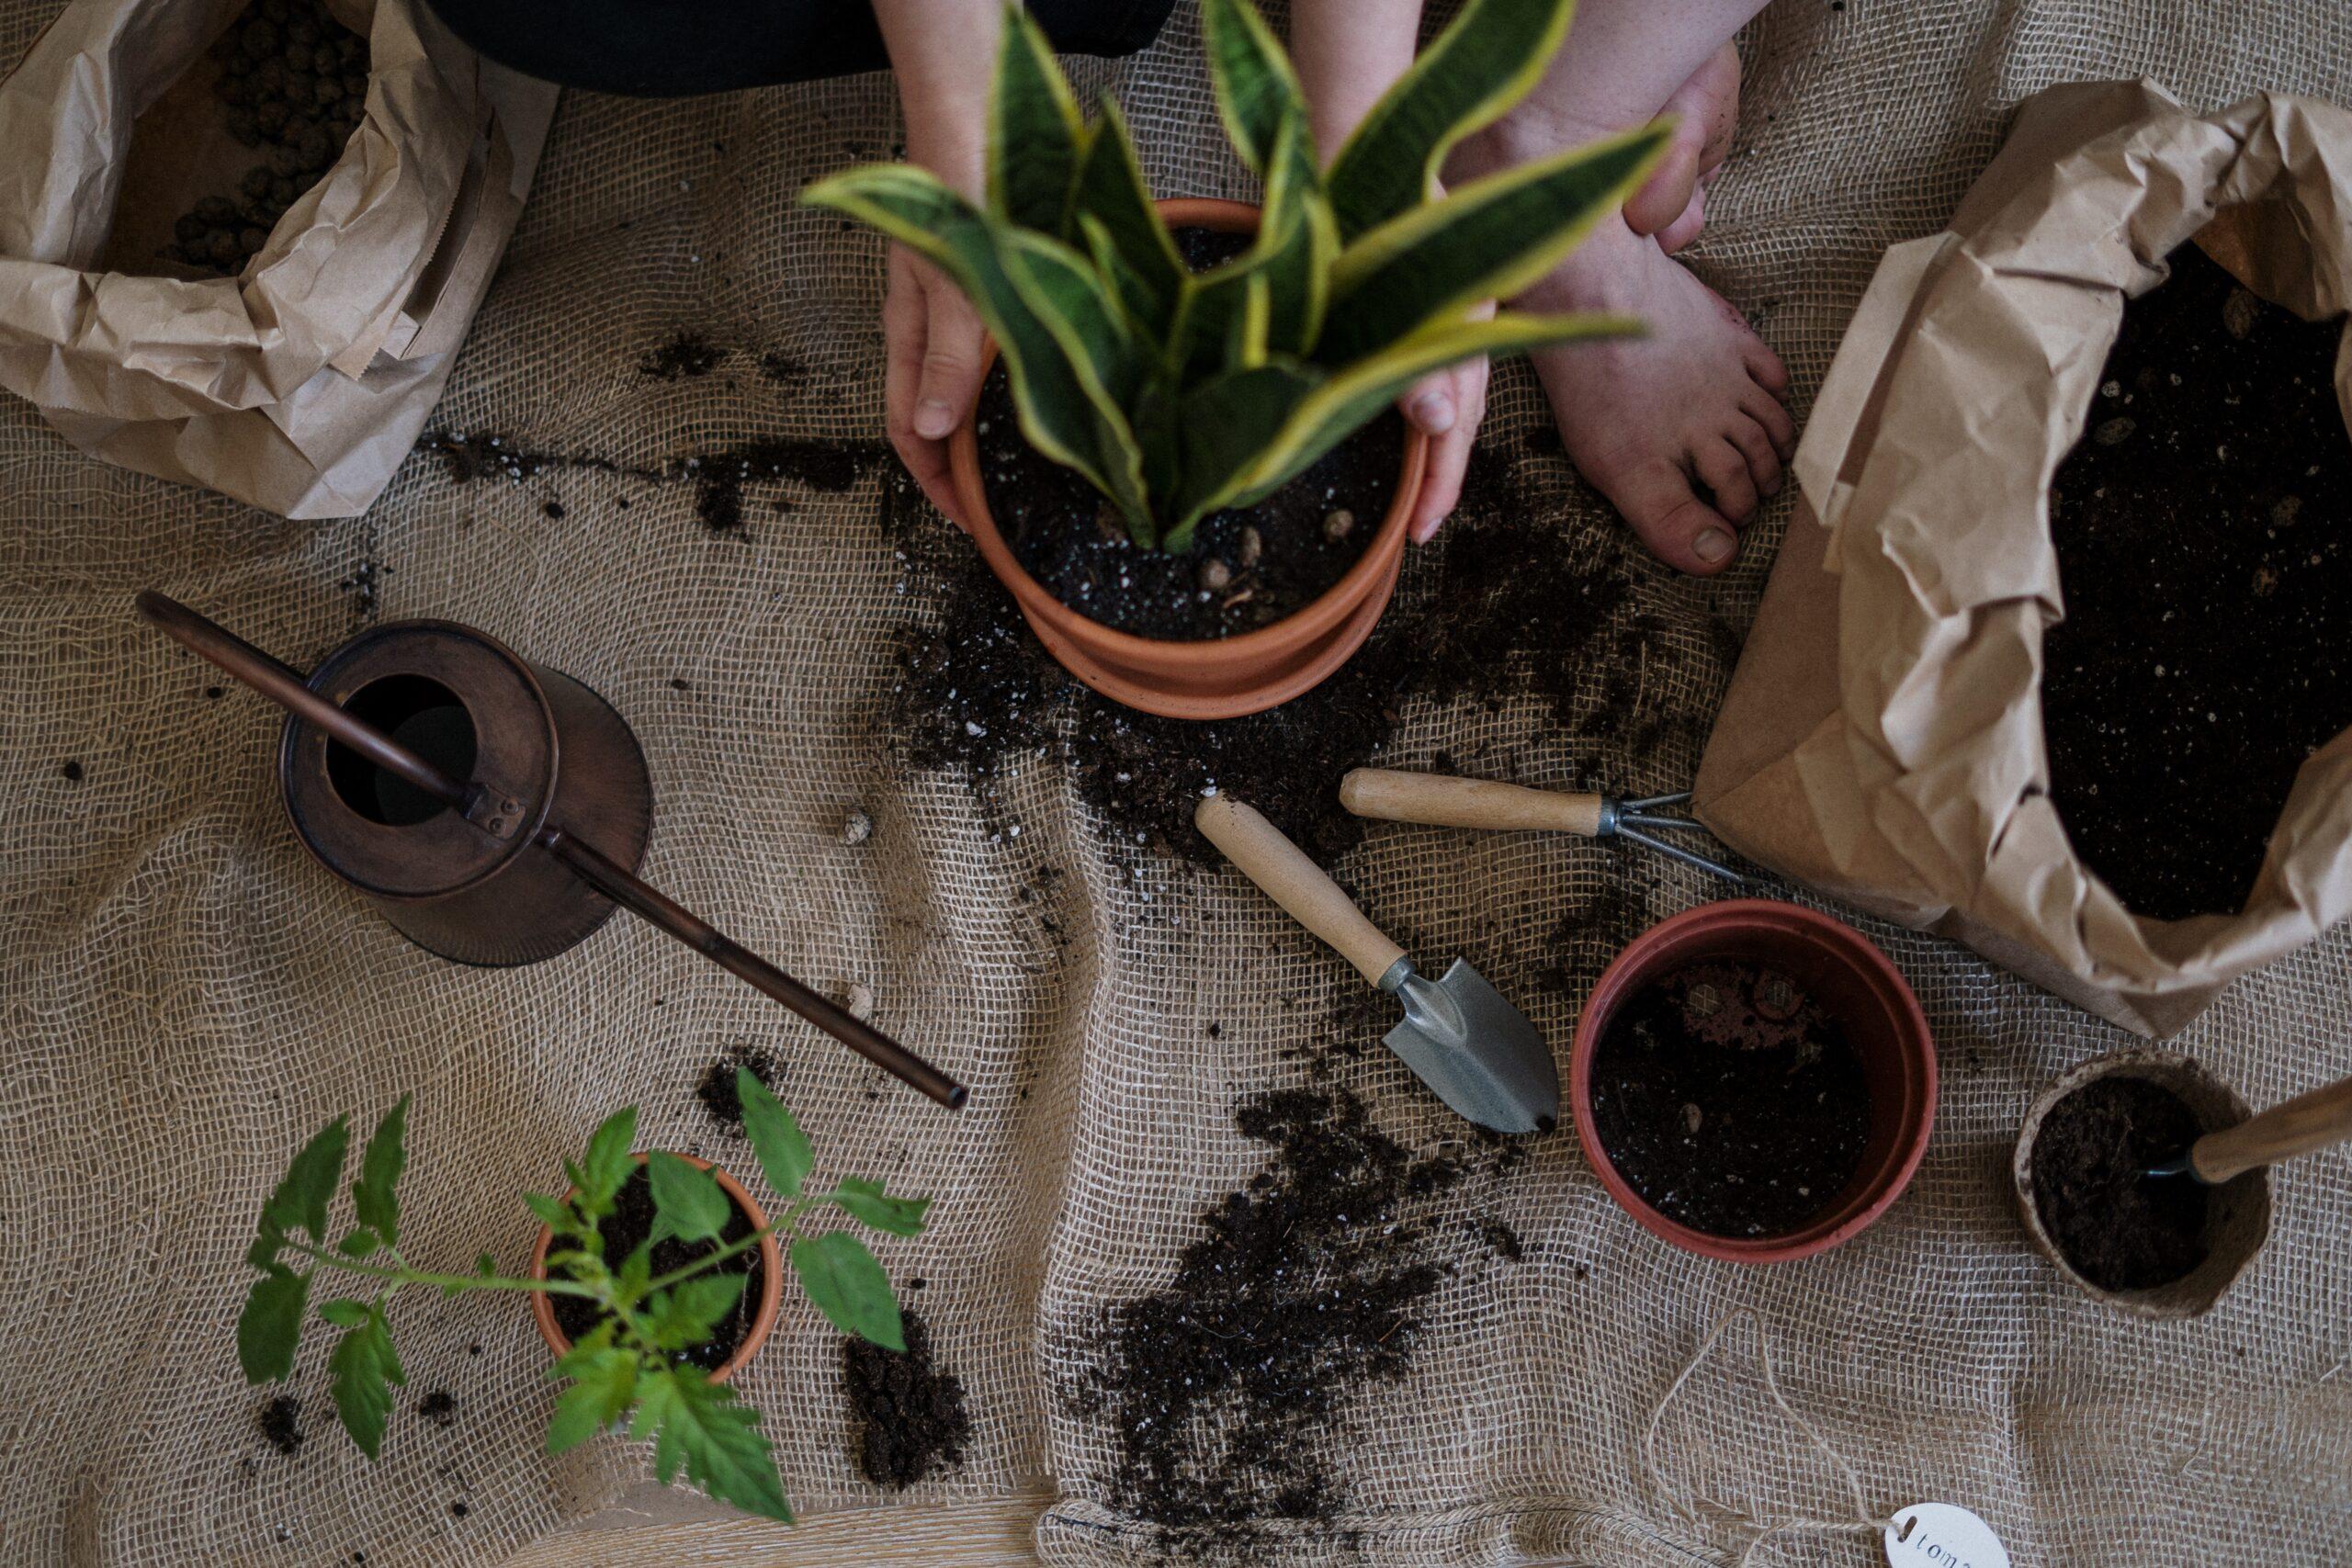 berbisnis pupuk tanaman